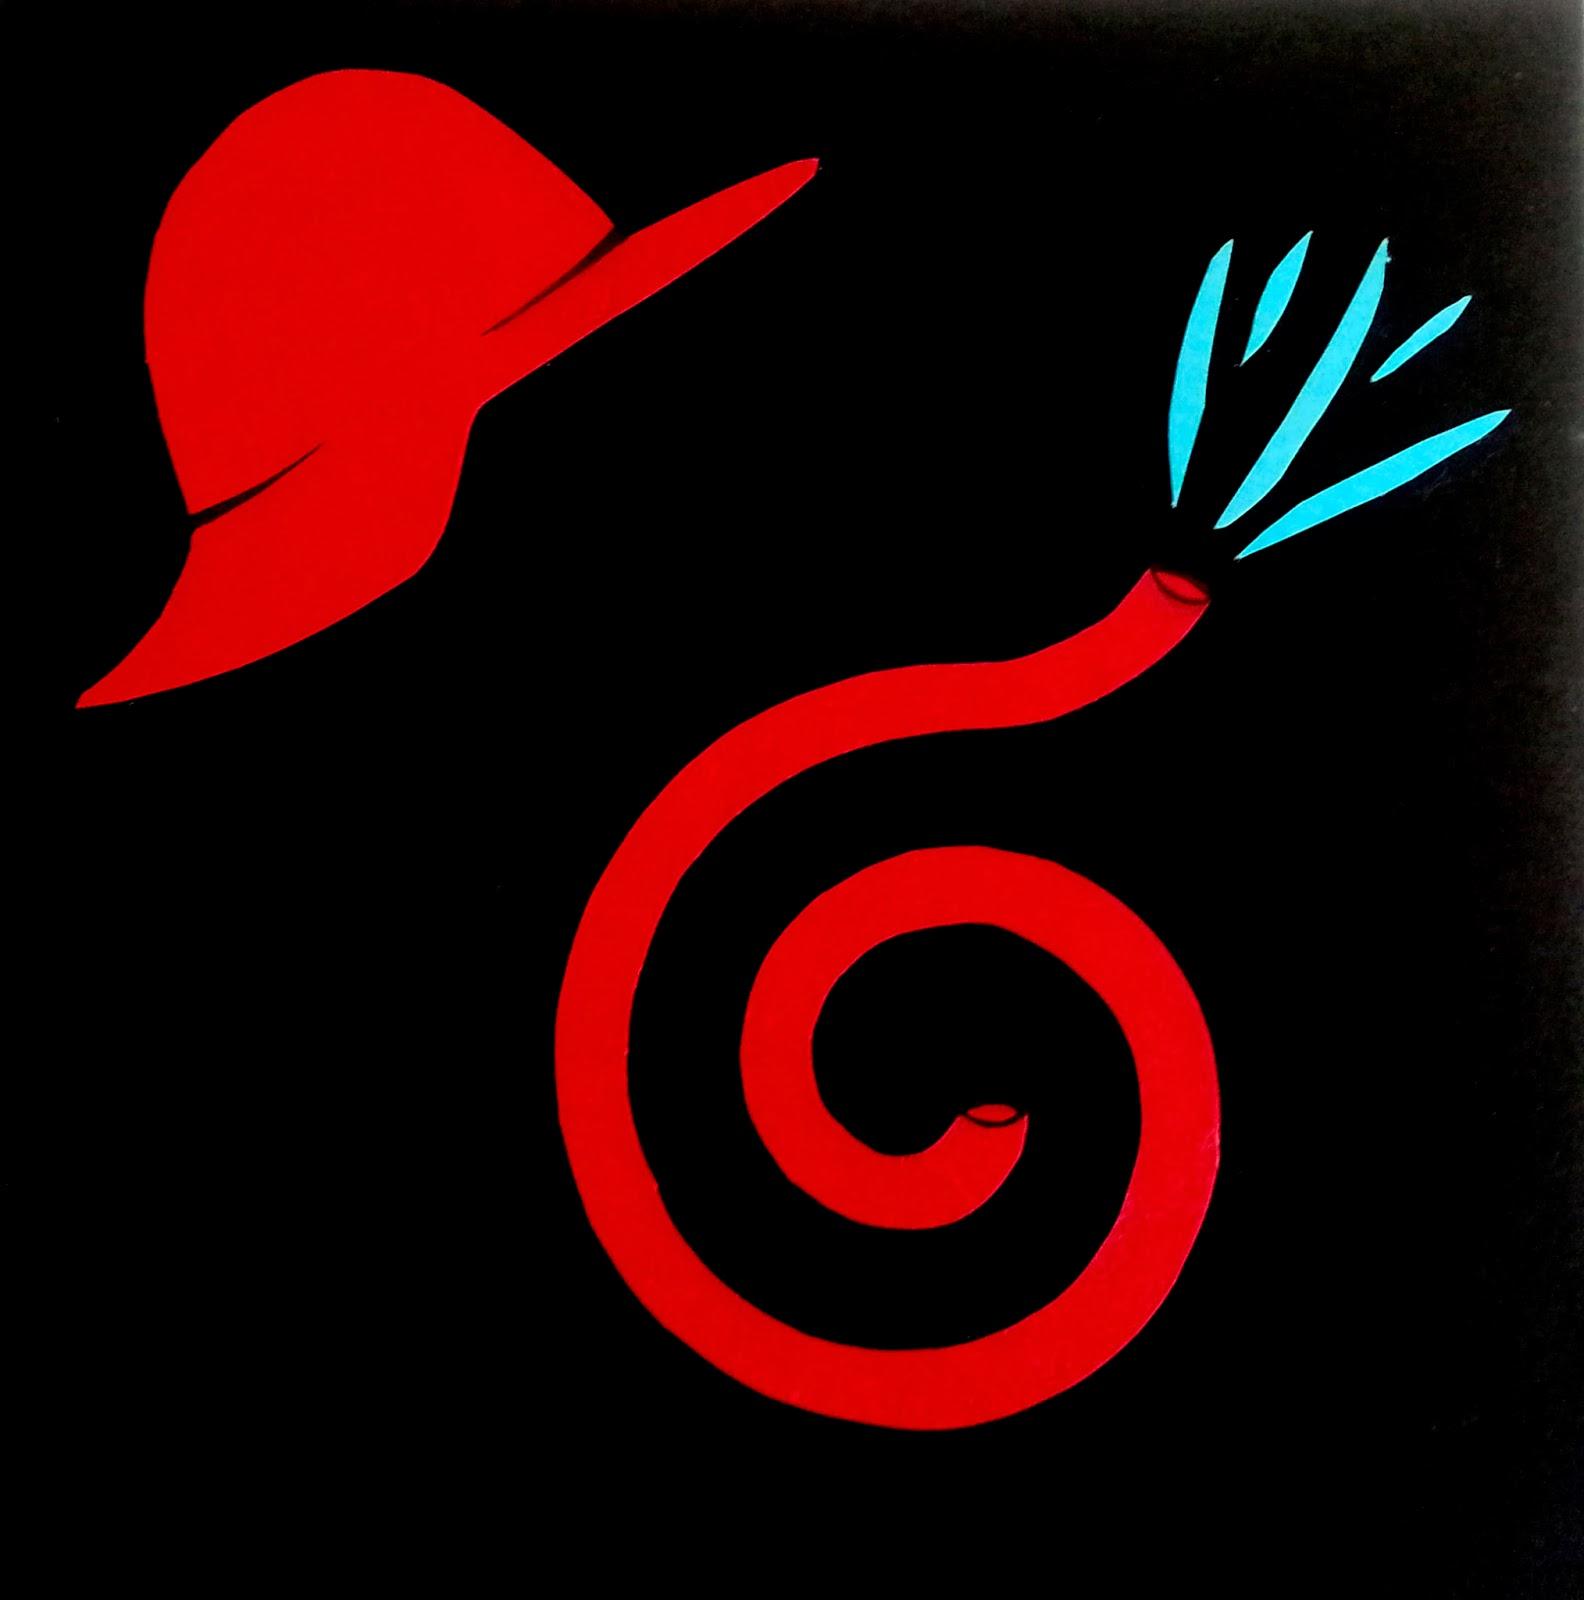 DISEÑO DE PICTOGRAMAS | Educación Plástica y Visual - IES Huerta ...: labordehormiga.blogspot.com/2014/02/diseno-de-pictogramas.html#!